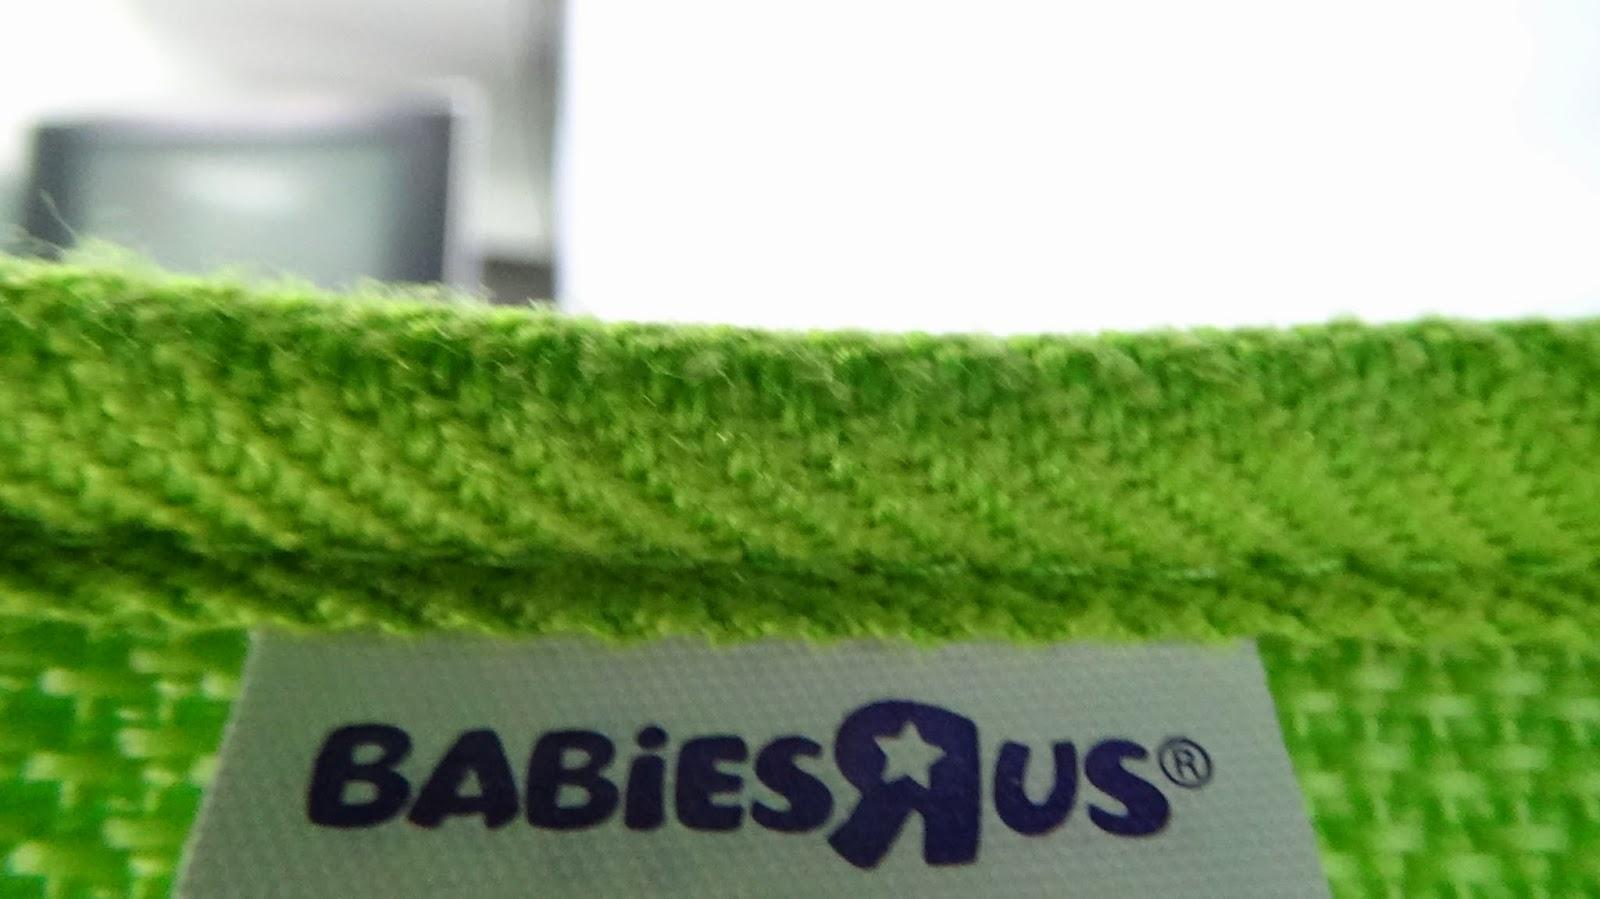 thuê đồ chơi baby, mướn đồ chơi, thuê đồ chơi trẻ em, đồ chơi trẻ em, xe đẩy babies r us